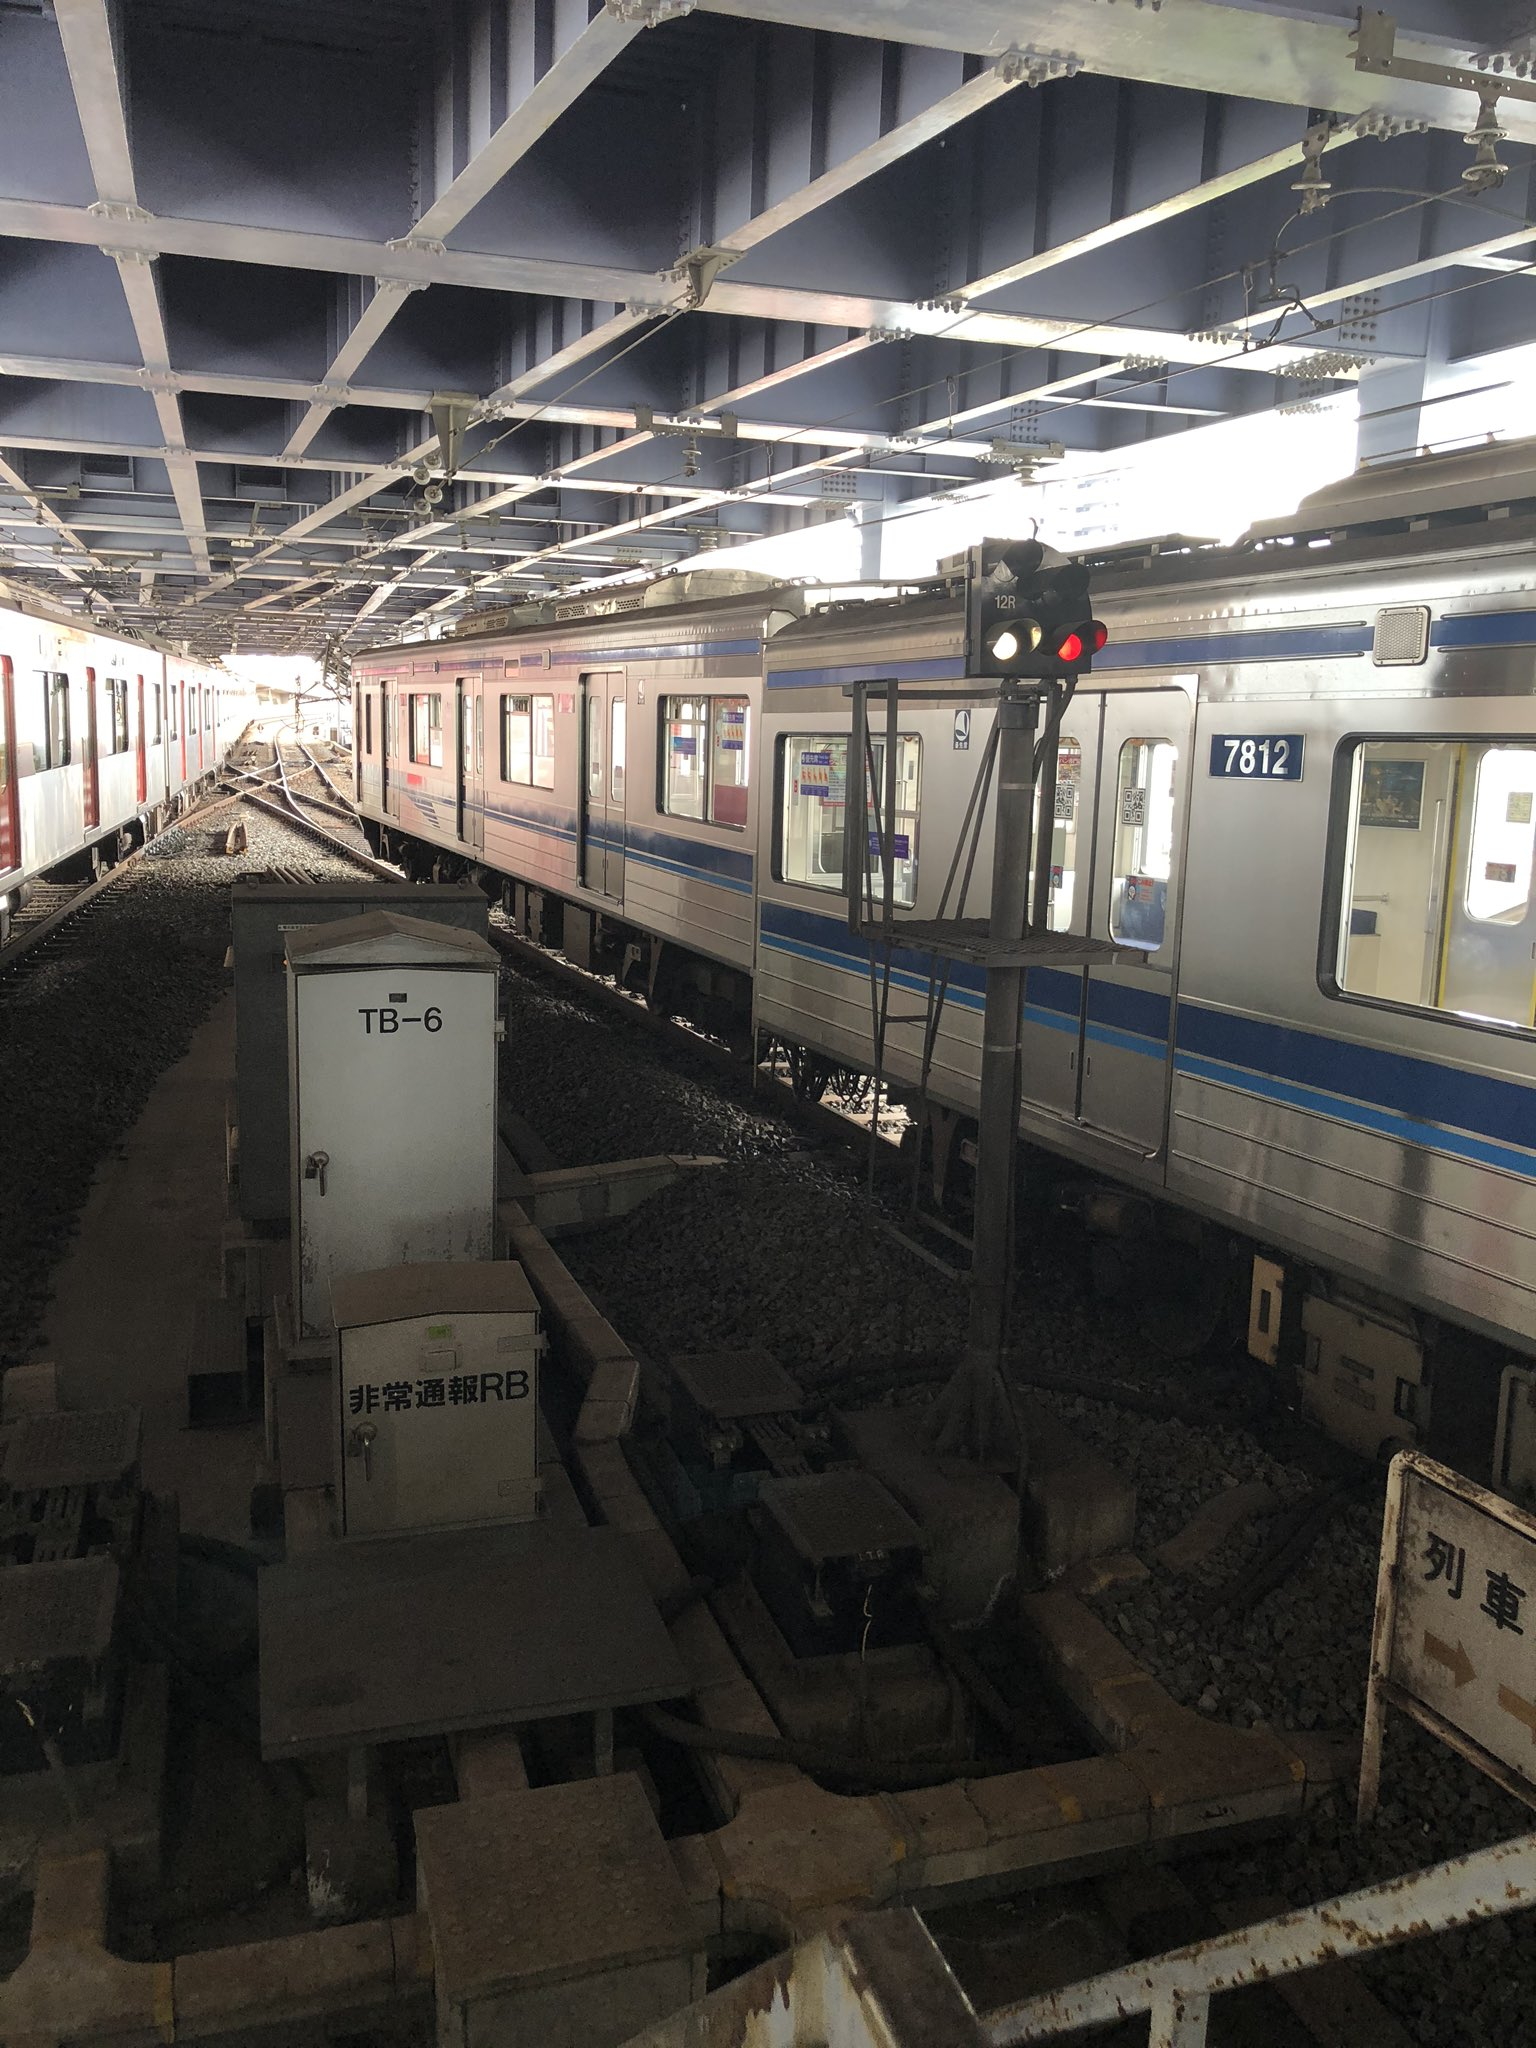 青砥駅構内で発生した脱線事故現場の画像